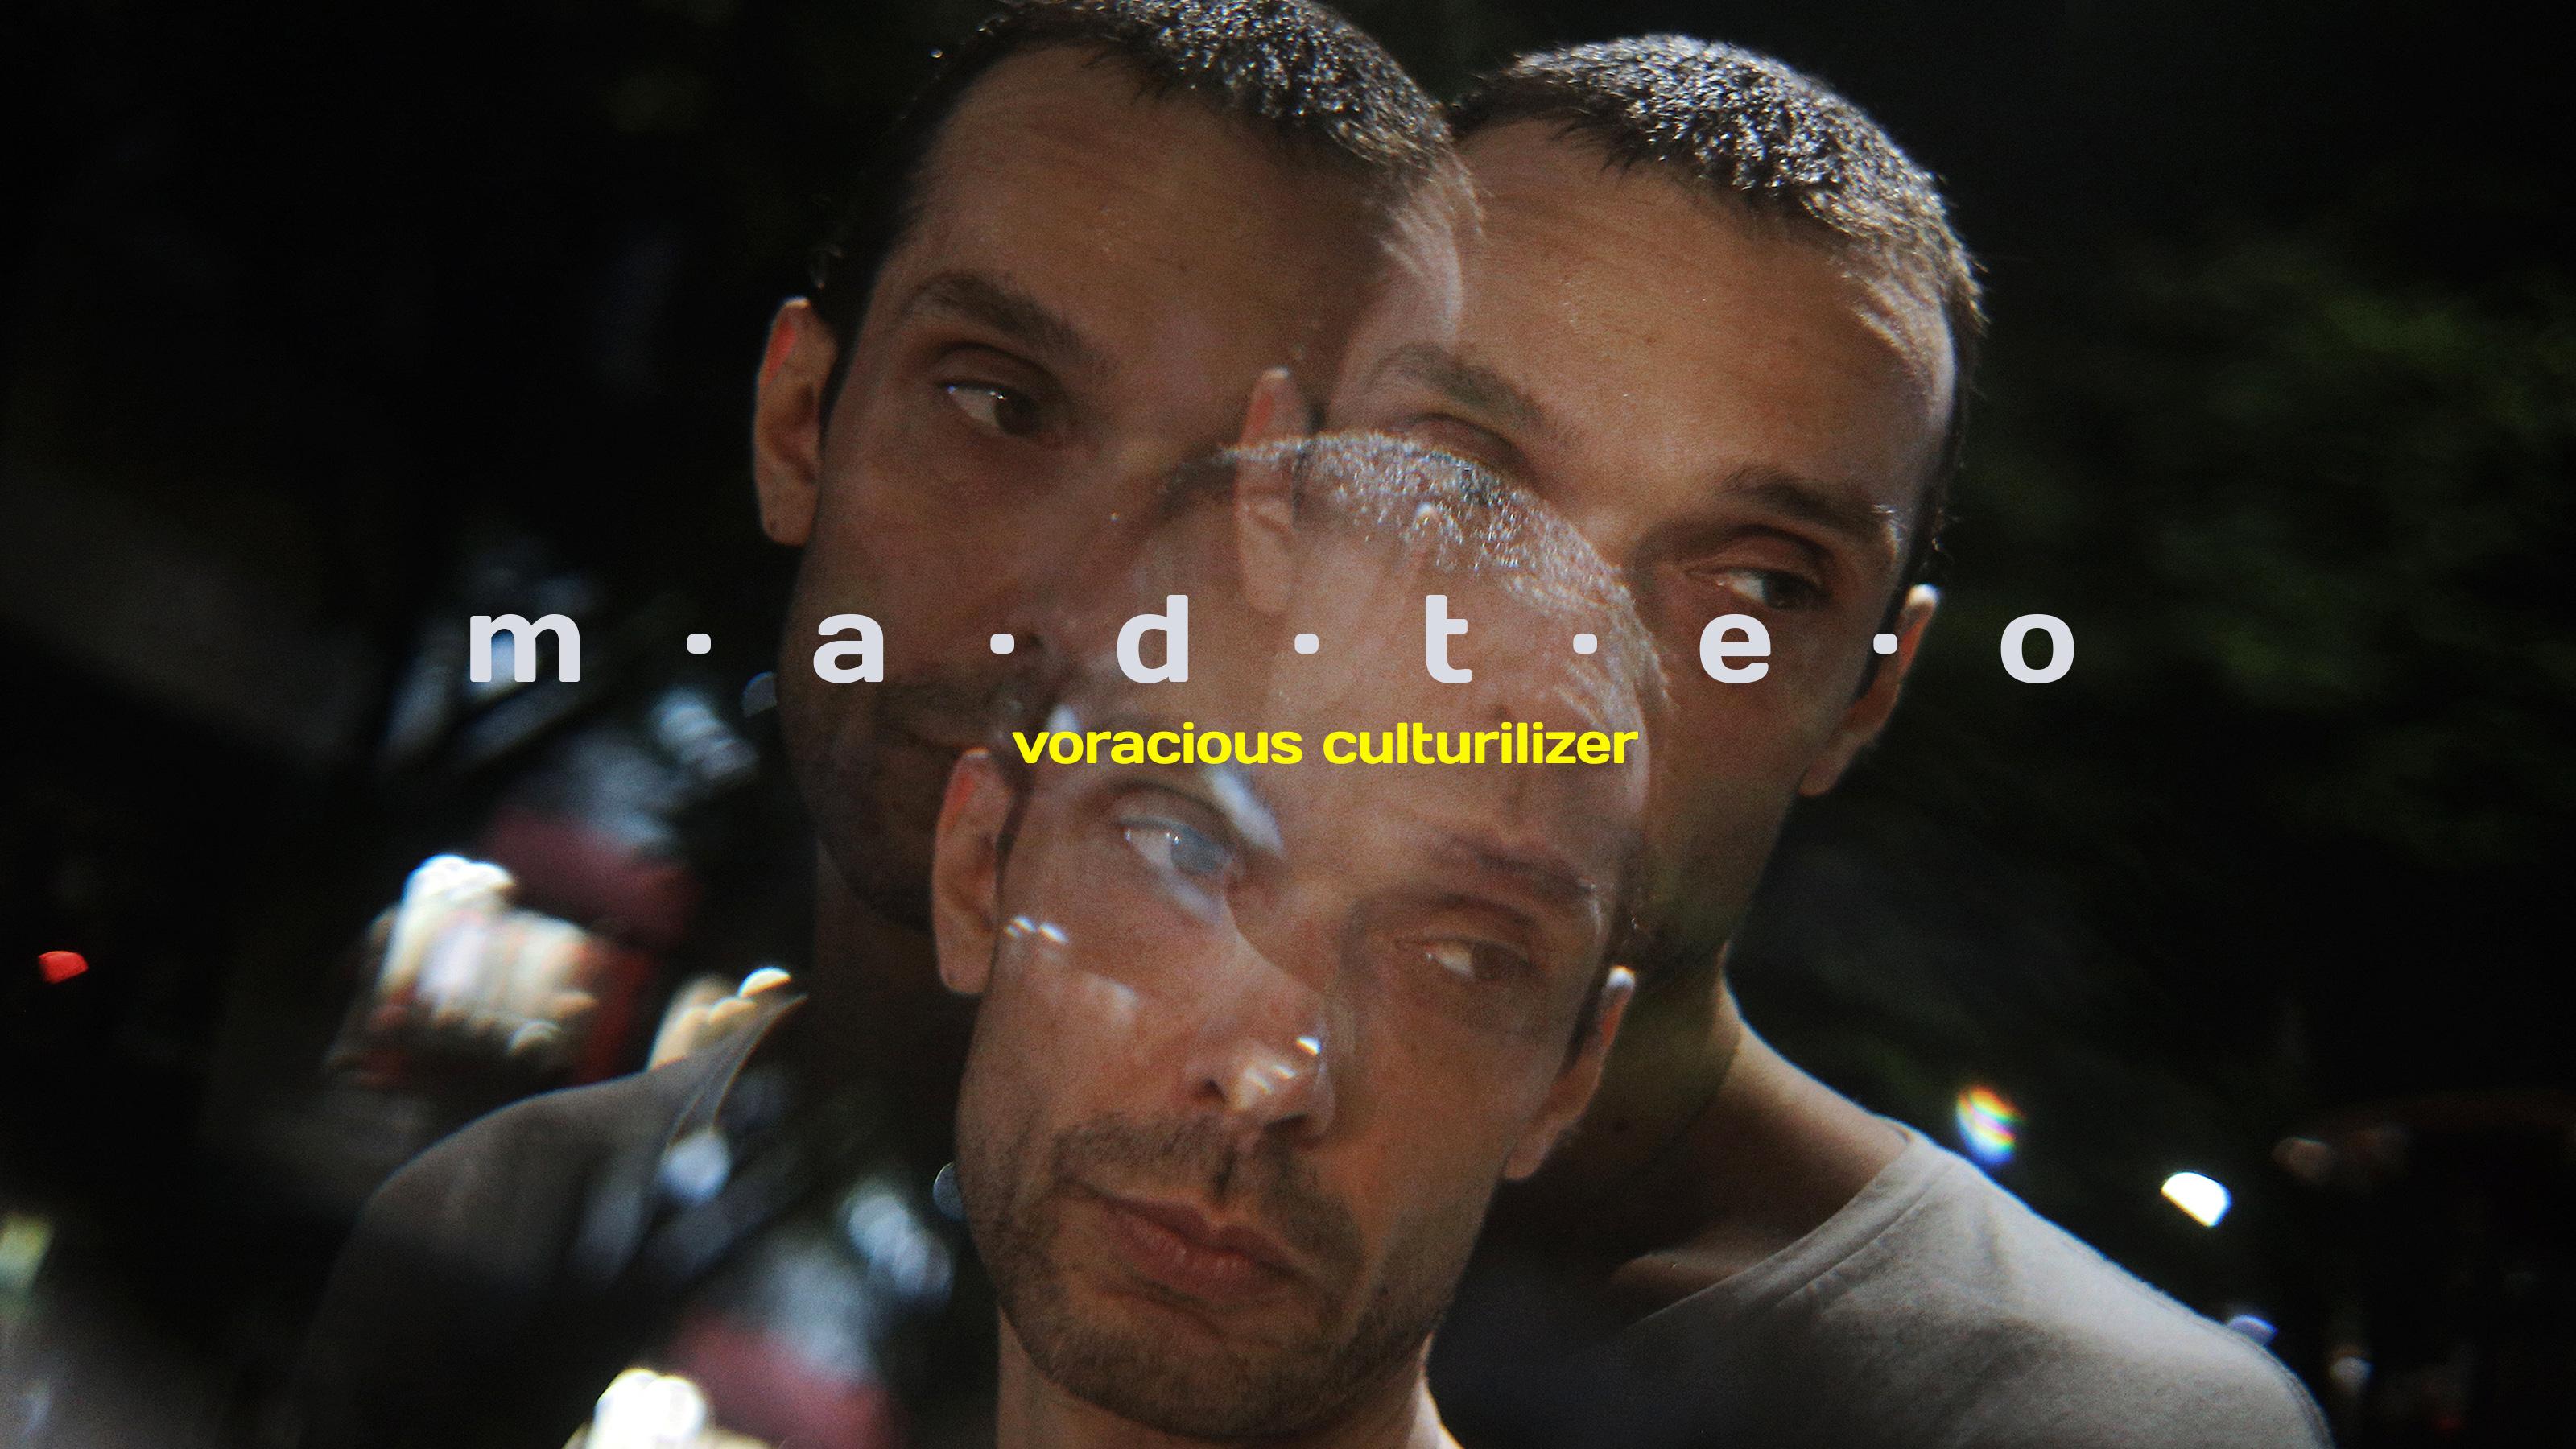 Madteo: Voracious culturilizer